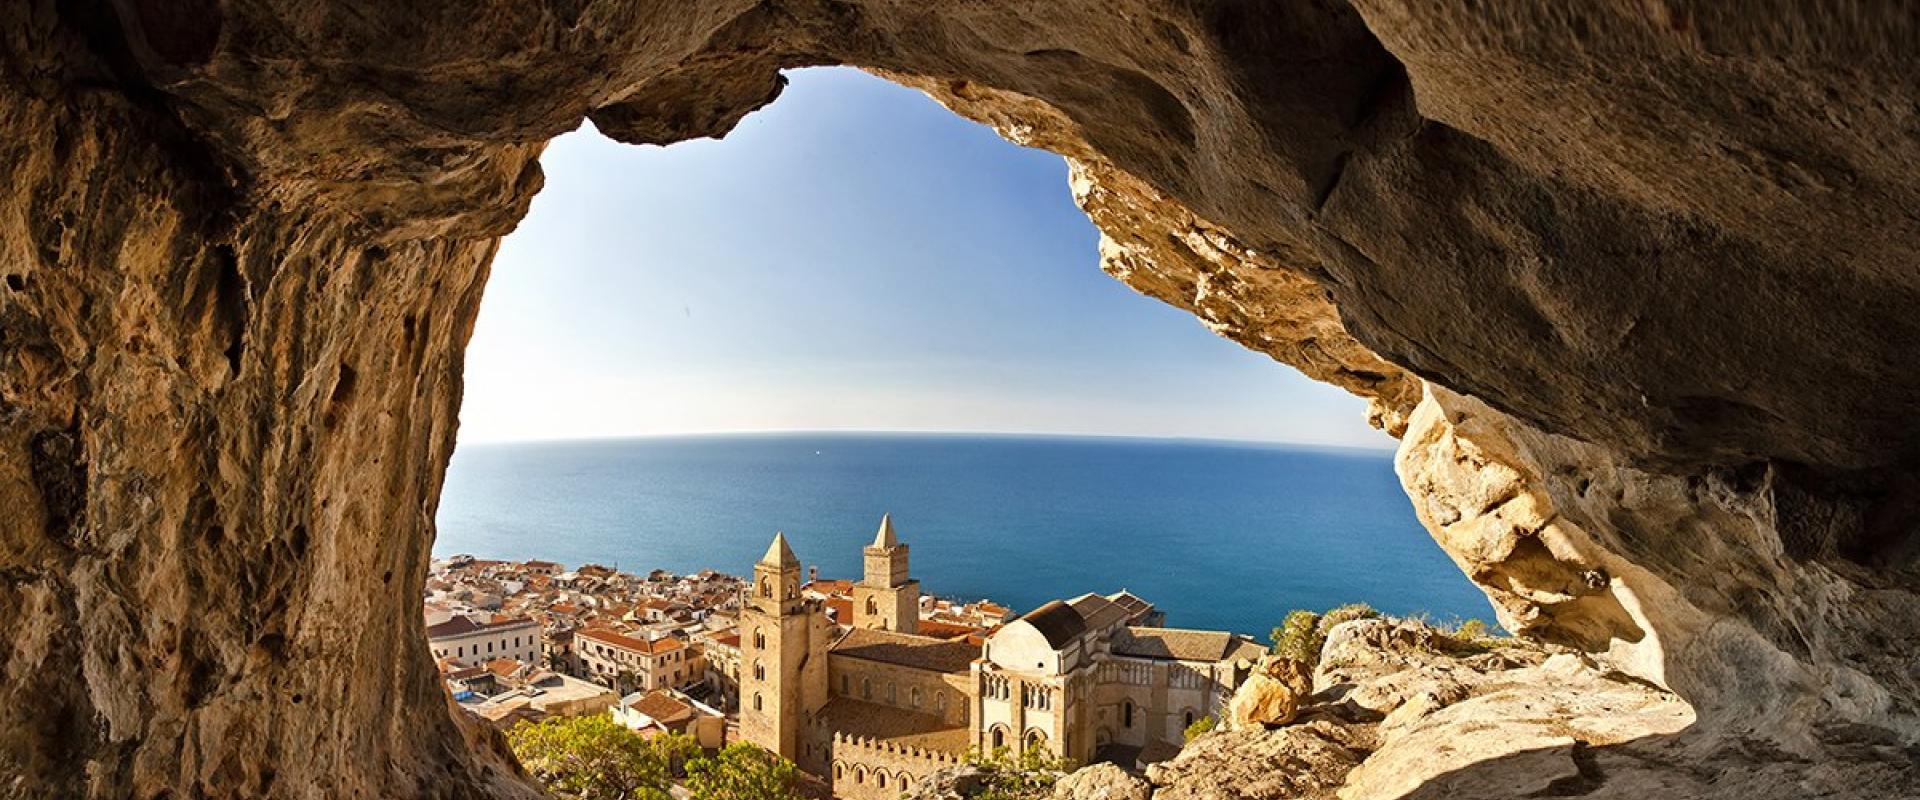 Tour in Sicily